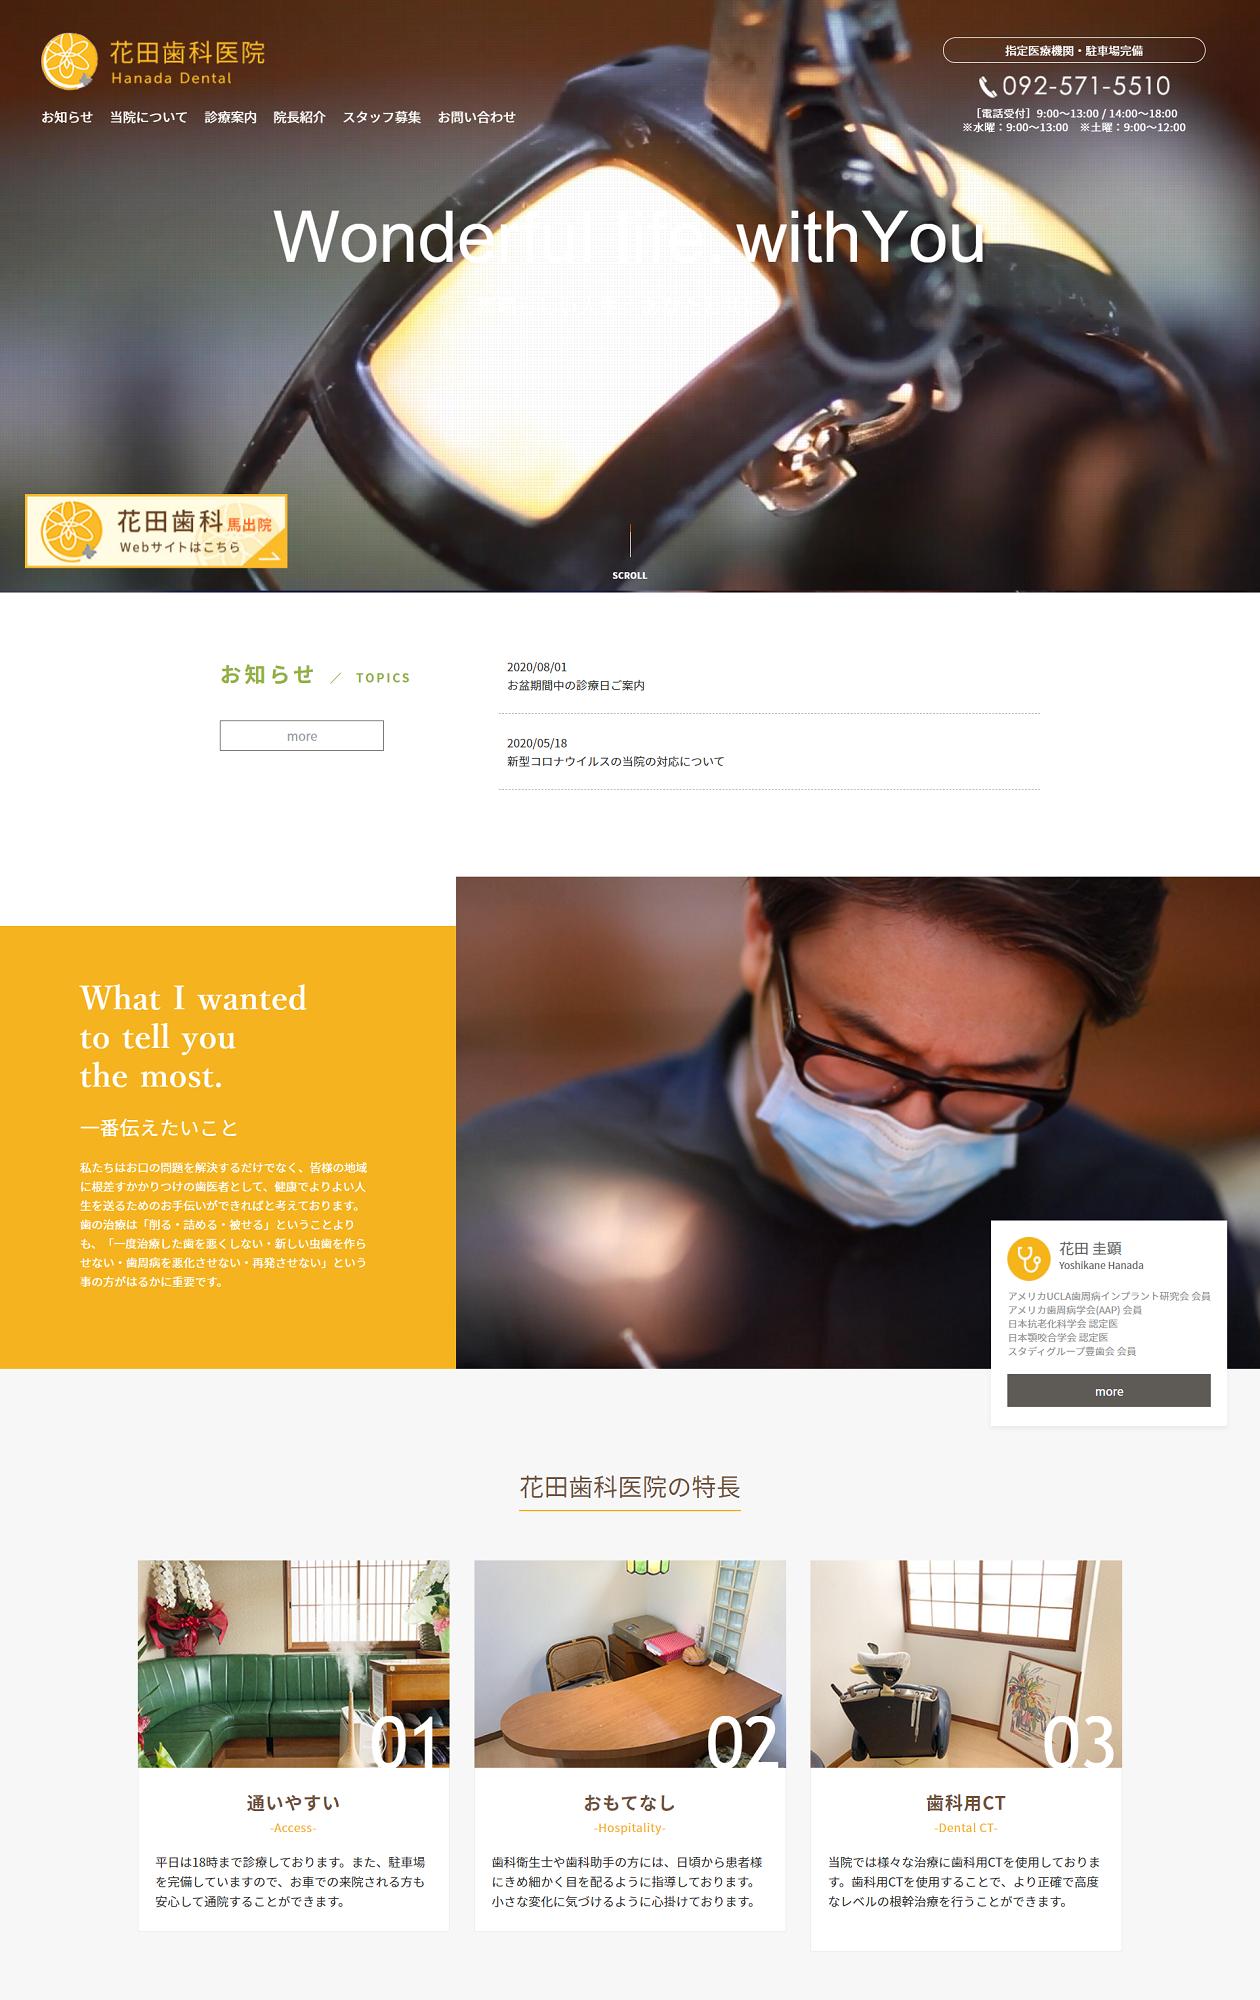 花田歯科医院 春日院 ホームページ